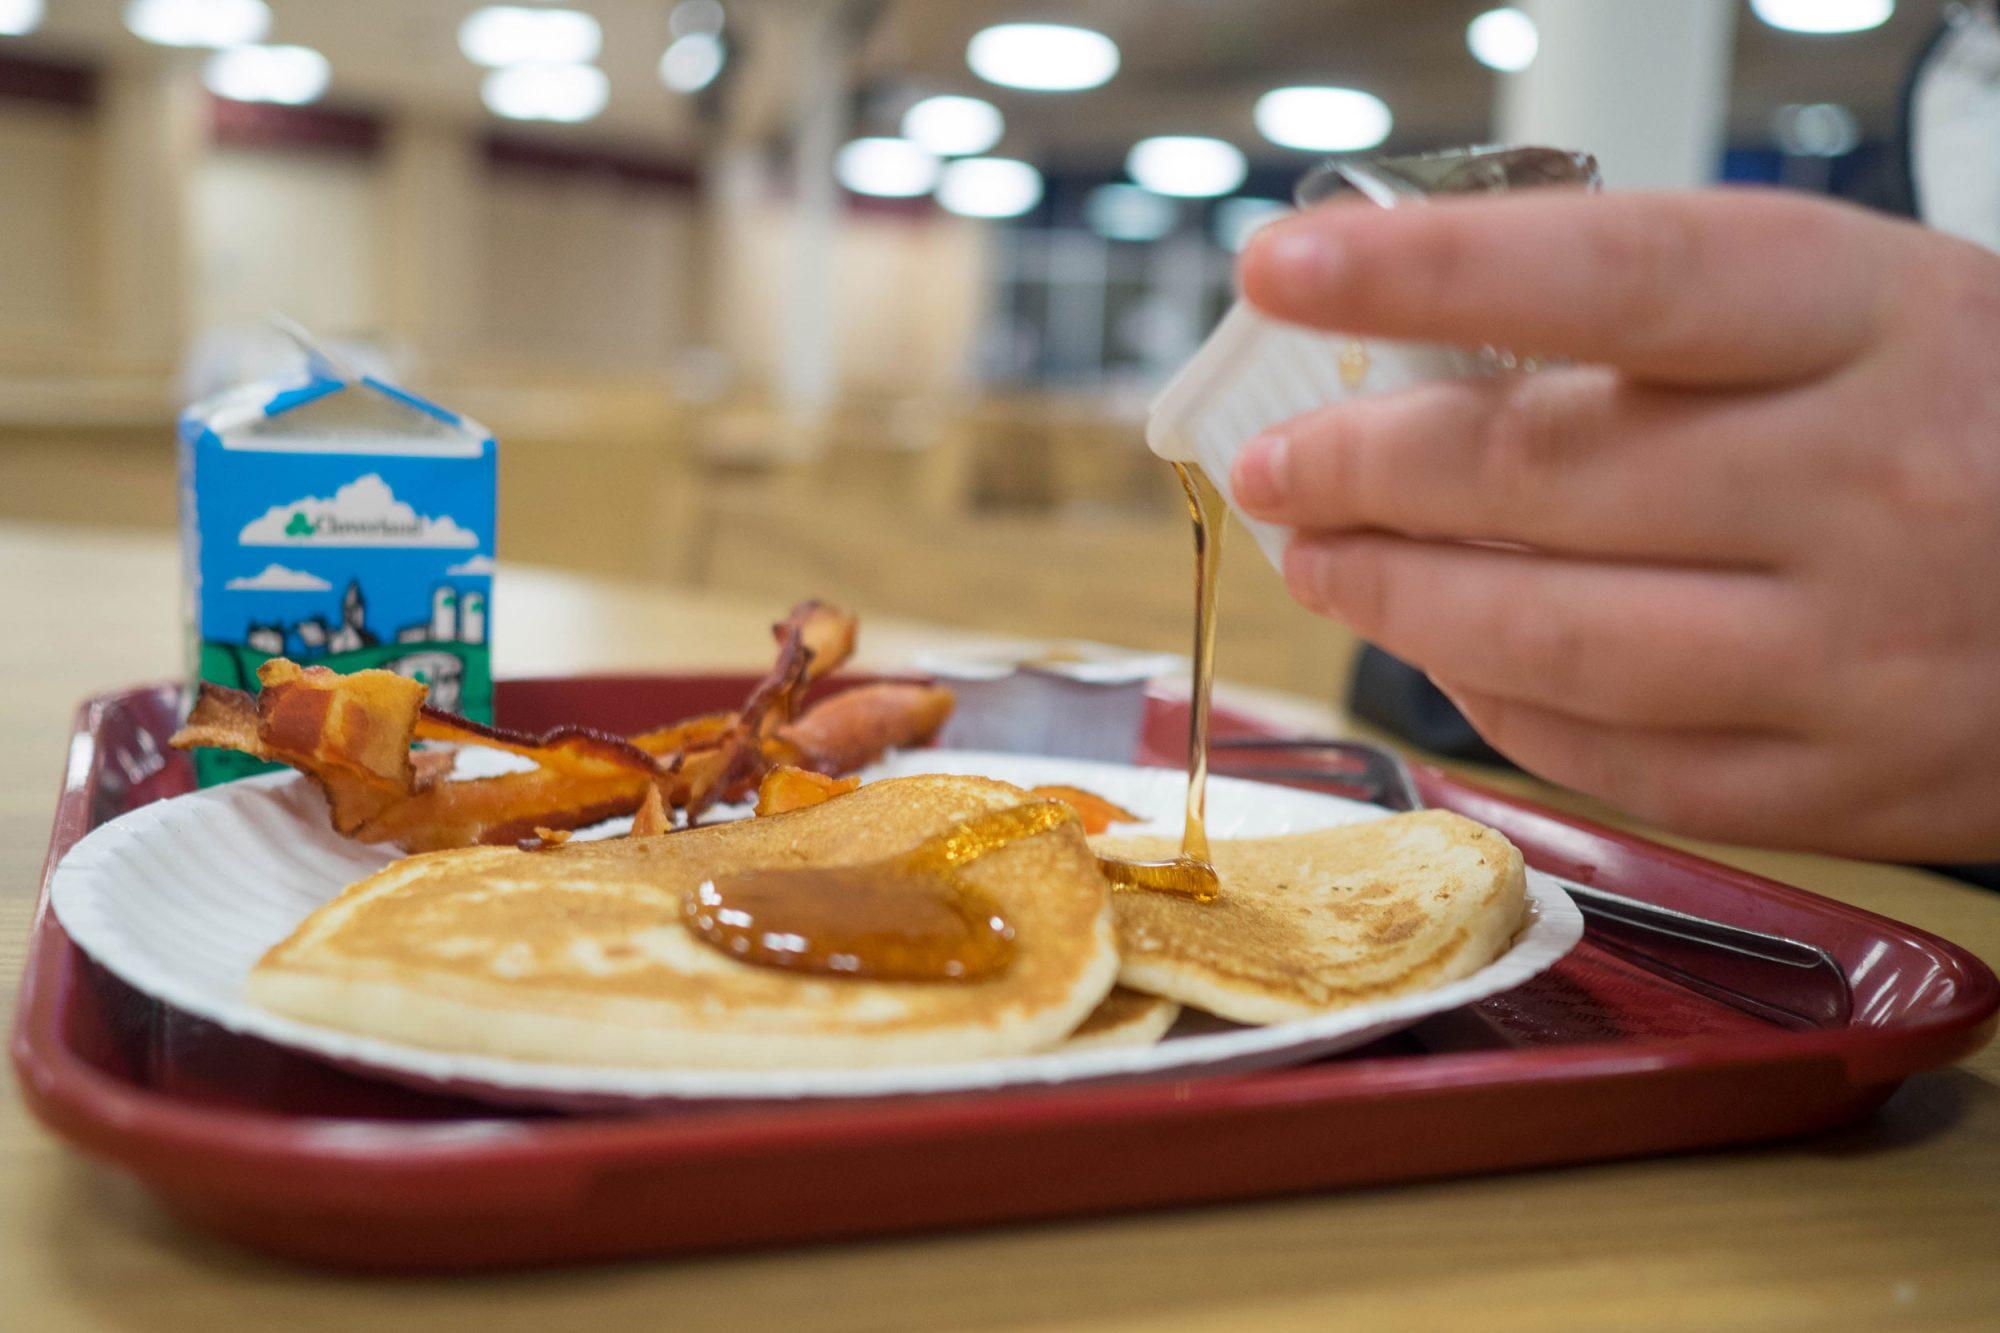 EC: The Double Bind of Free School Breakfast